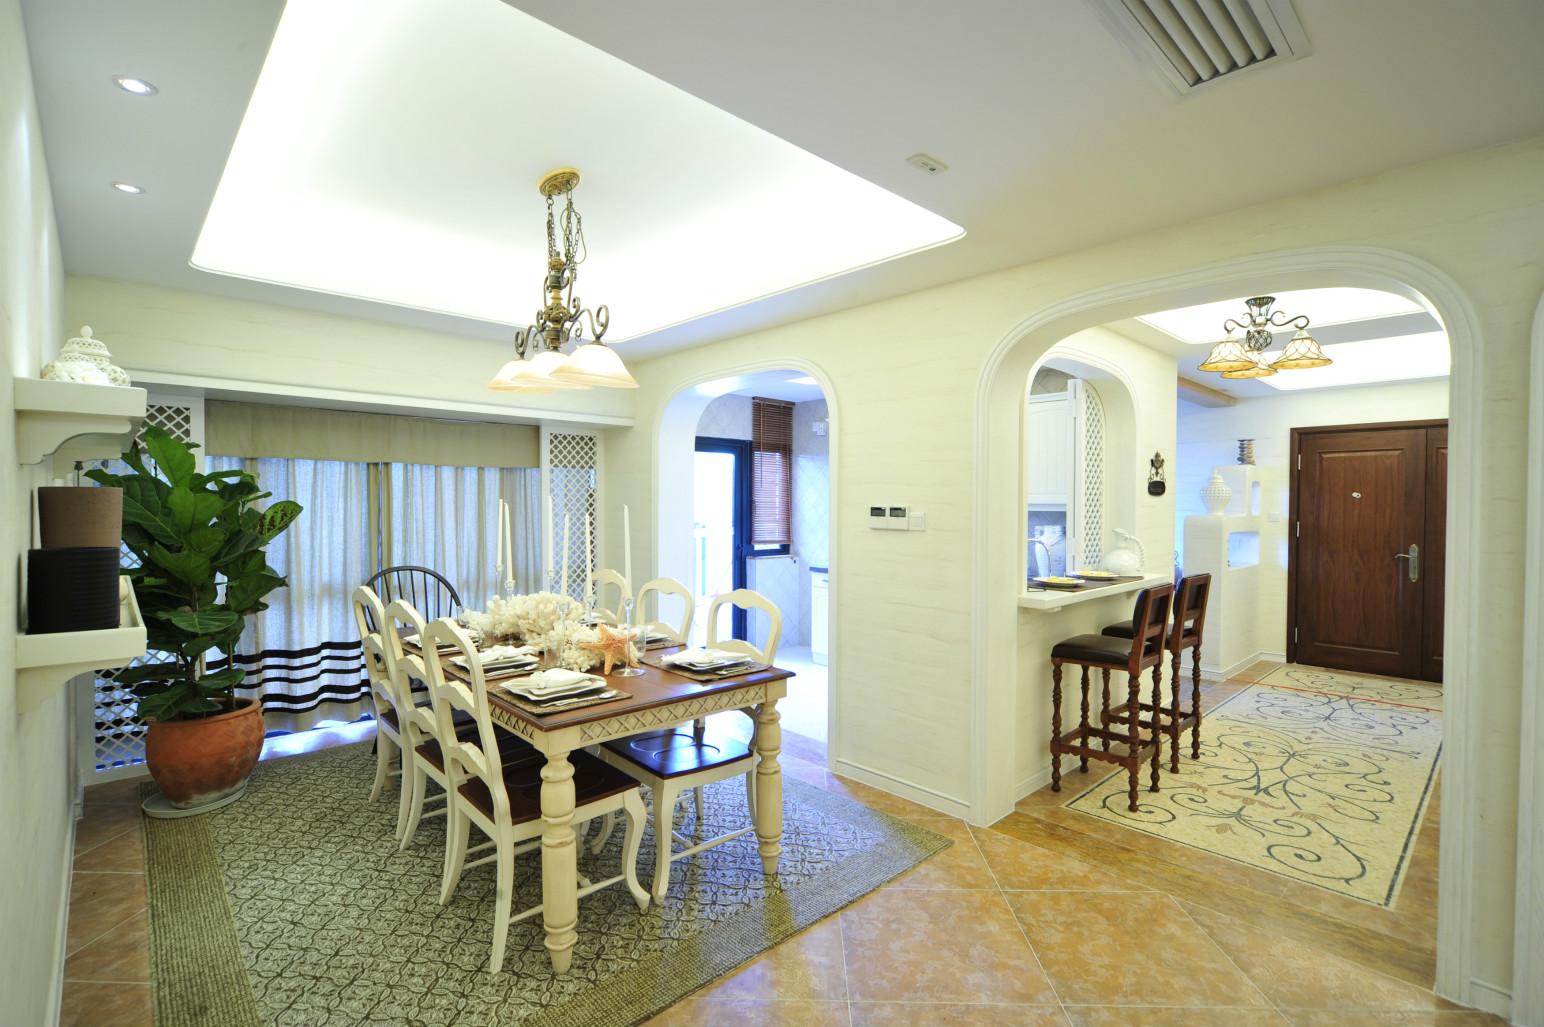 餐桌以白色外喷漆的四柱原木为框,搭配棕色原木面,很是简约自然。